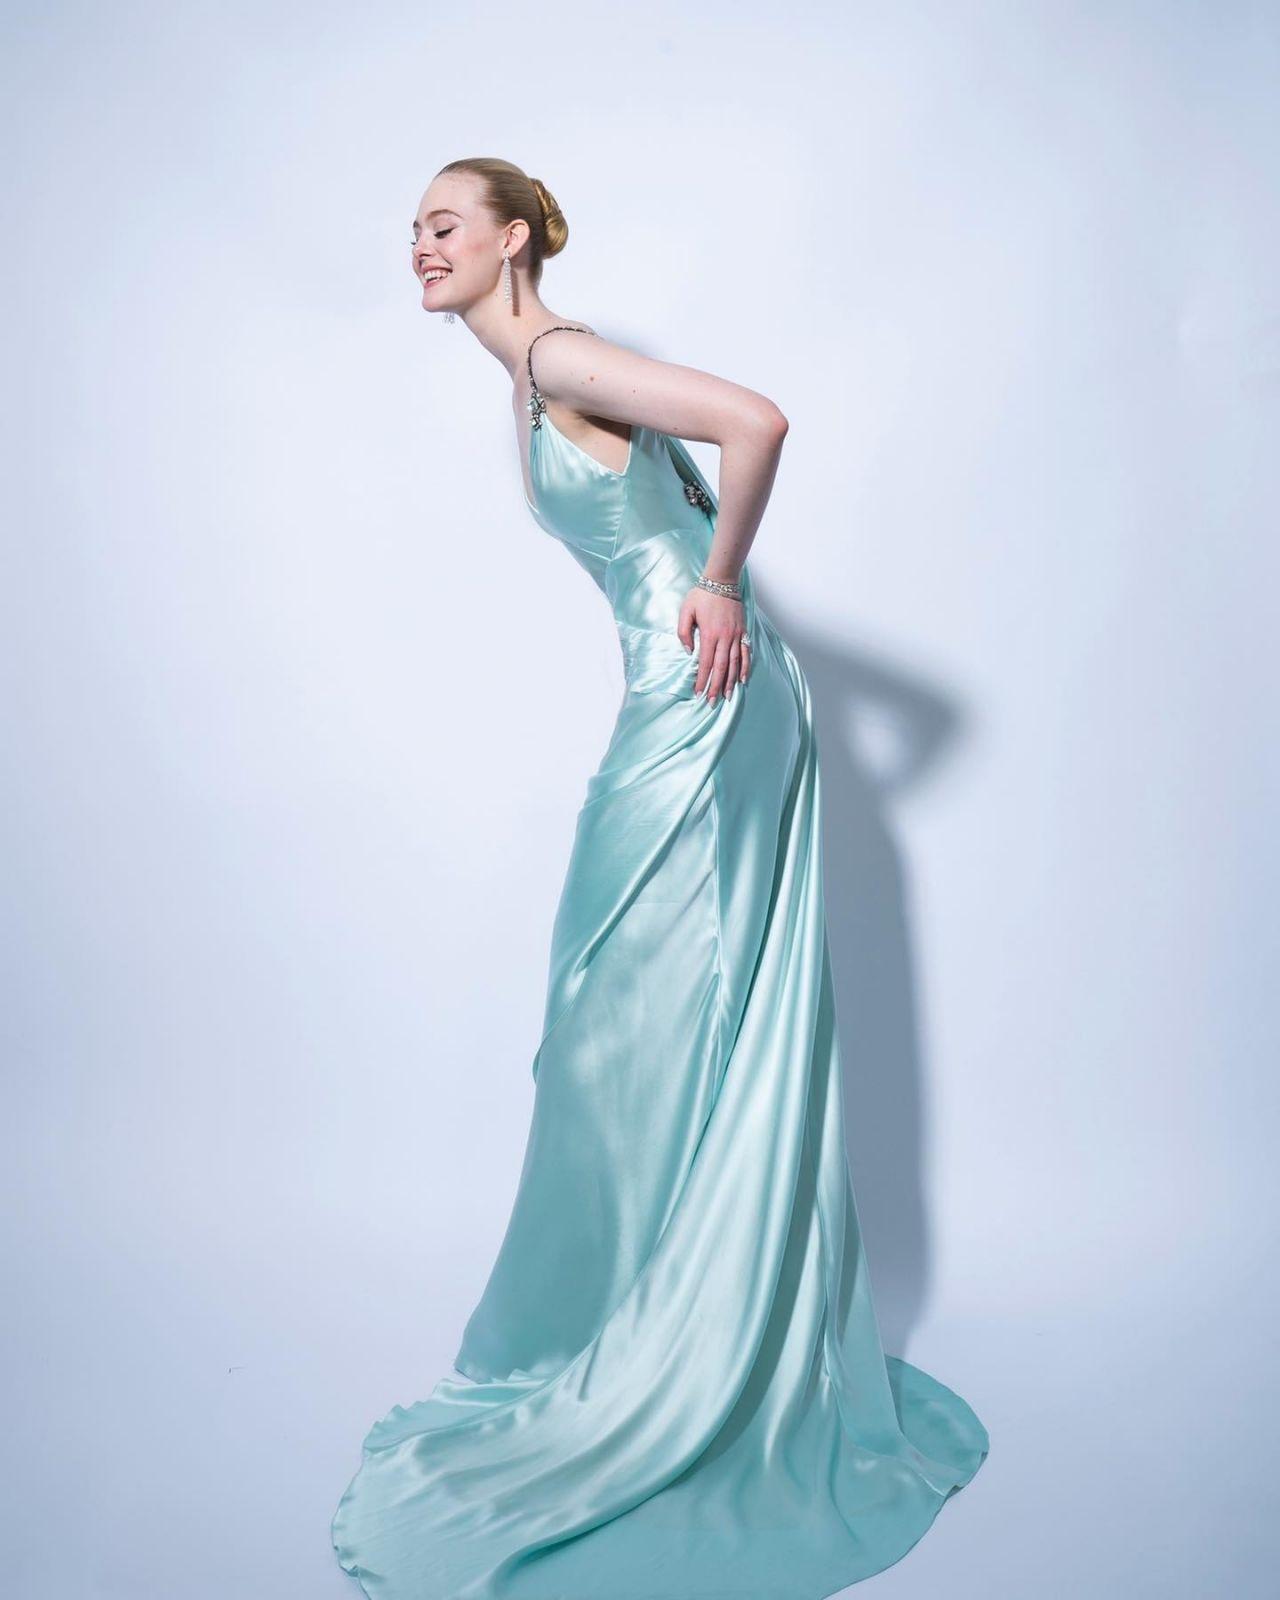 Звезда сериала «Великая», Эль Фаннинг, появилась на кинопремии «Золотой глобус» в летящем платье Gucci